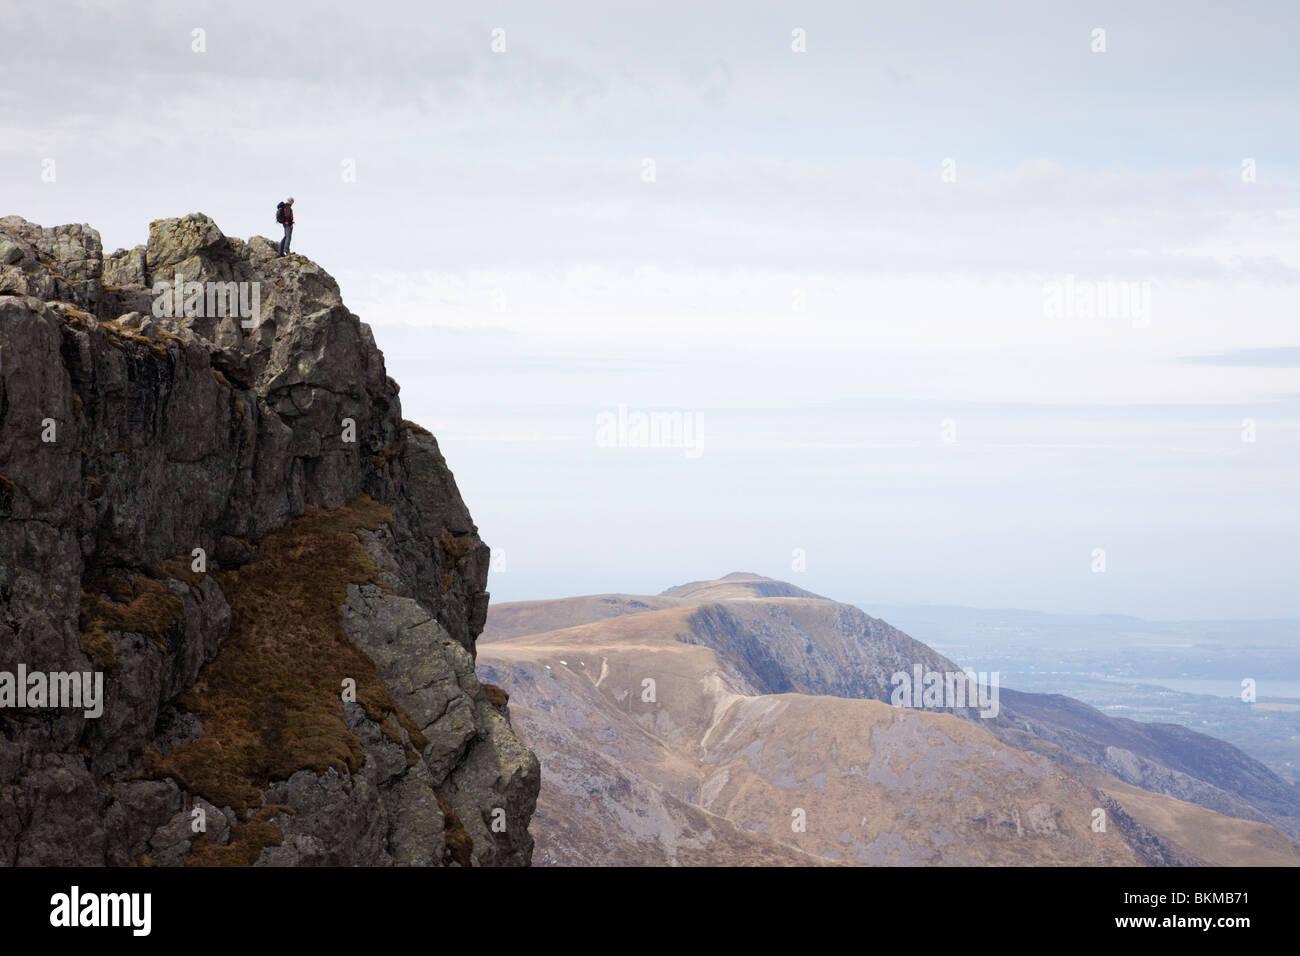 Mann steht allein auf einem schroffen Berggipfel mit Blick über. Glyder Fawr Ogwen Snowdonia National Park Stockbild